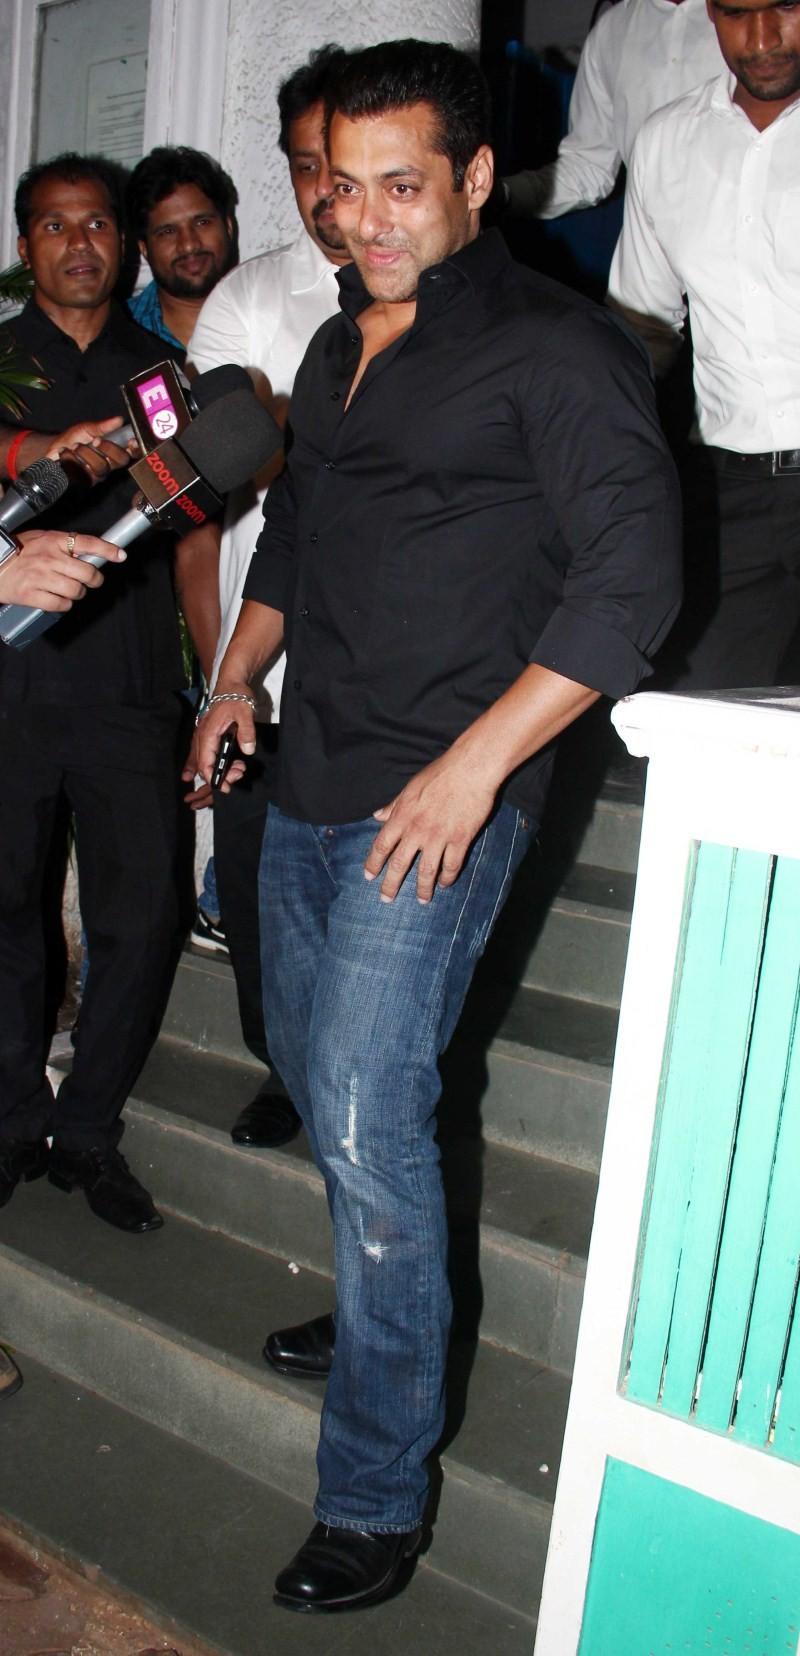 Salman Khan,actor Salman Khan,Salman Khan at ABCD 2 Success Party,ABCD 2 Success Party,ABCD 2 Success bash,Salman Khan latest pics,Salman Khan latest images,Salman Khan latest photos,Salman Khan latest stills,Salman Khan latest pictures